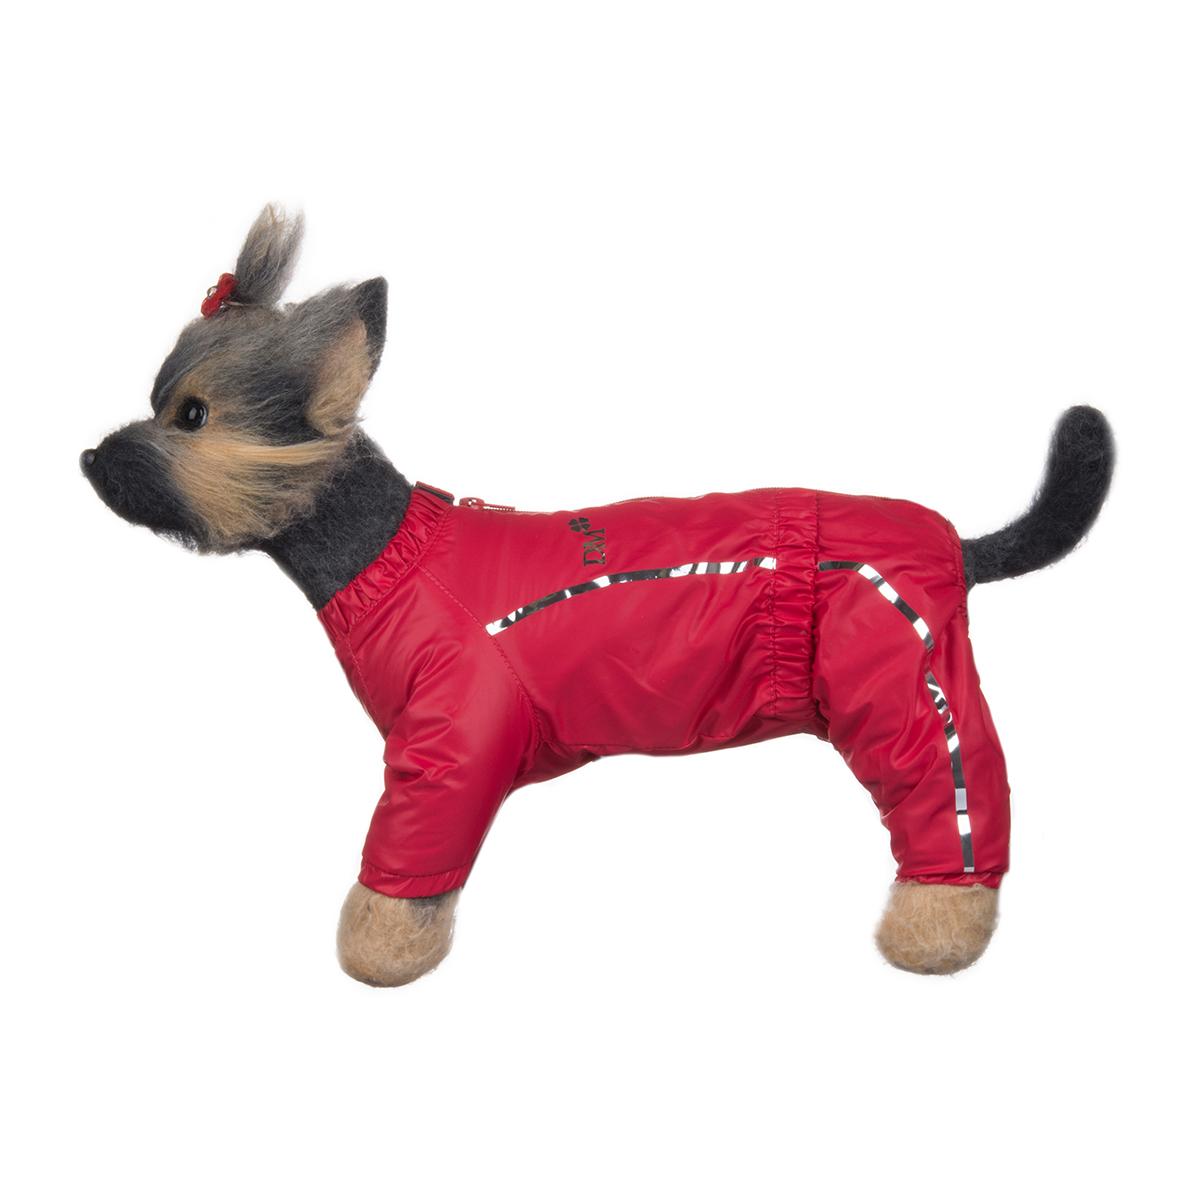 Комбинезон для собак Dogmoda Альпы, для девочки, цвет: фуксия. Размер 3 (L)0120710Комбинезон для собак Dogmoda Альпы отлично подойдет для прогулок поздней осенью или ранней весной.Комбинезон изготовлен из полиэстера, защищающего от ветра и осадков, с подкладкой из флиса, которая сохранит тепло и обеспечит отличный воздухообмен. Комбинезон застегивается на молнию и липучку, благодаря чему его легко надевать и снимать. Ворот, низ рукавов и брючин оснащены внутренними резинками, которые мягко обхватывают шею и лапки, не позволяя просачиваться холодному воздуху. На пояснице имеется внутренняя резинка. Изделие декорировано серебристыми полосками и надписью DM.Благодаря такому комбинезону простуда не грозит вашему питомцу и он не даст любимцу продрогнуть на прогулке.